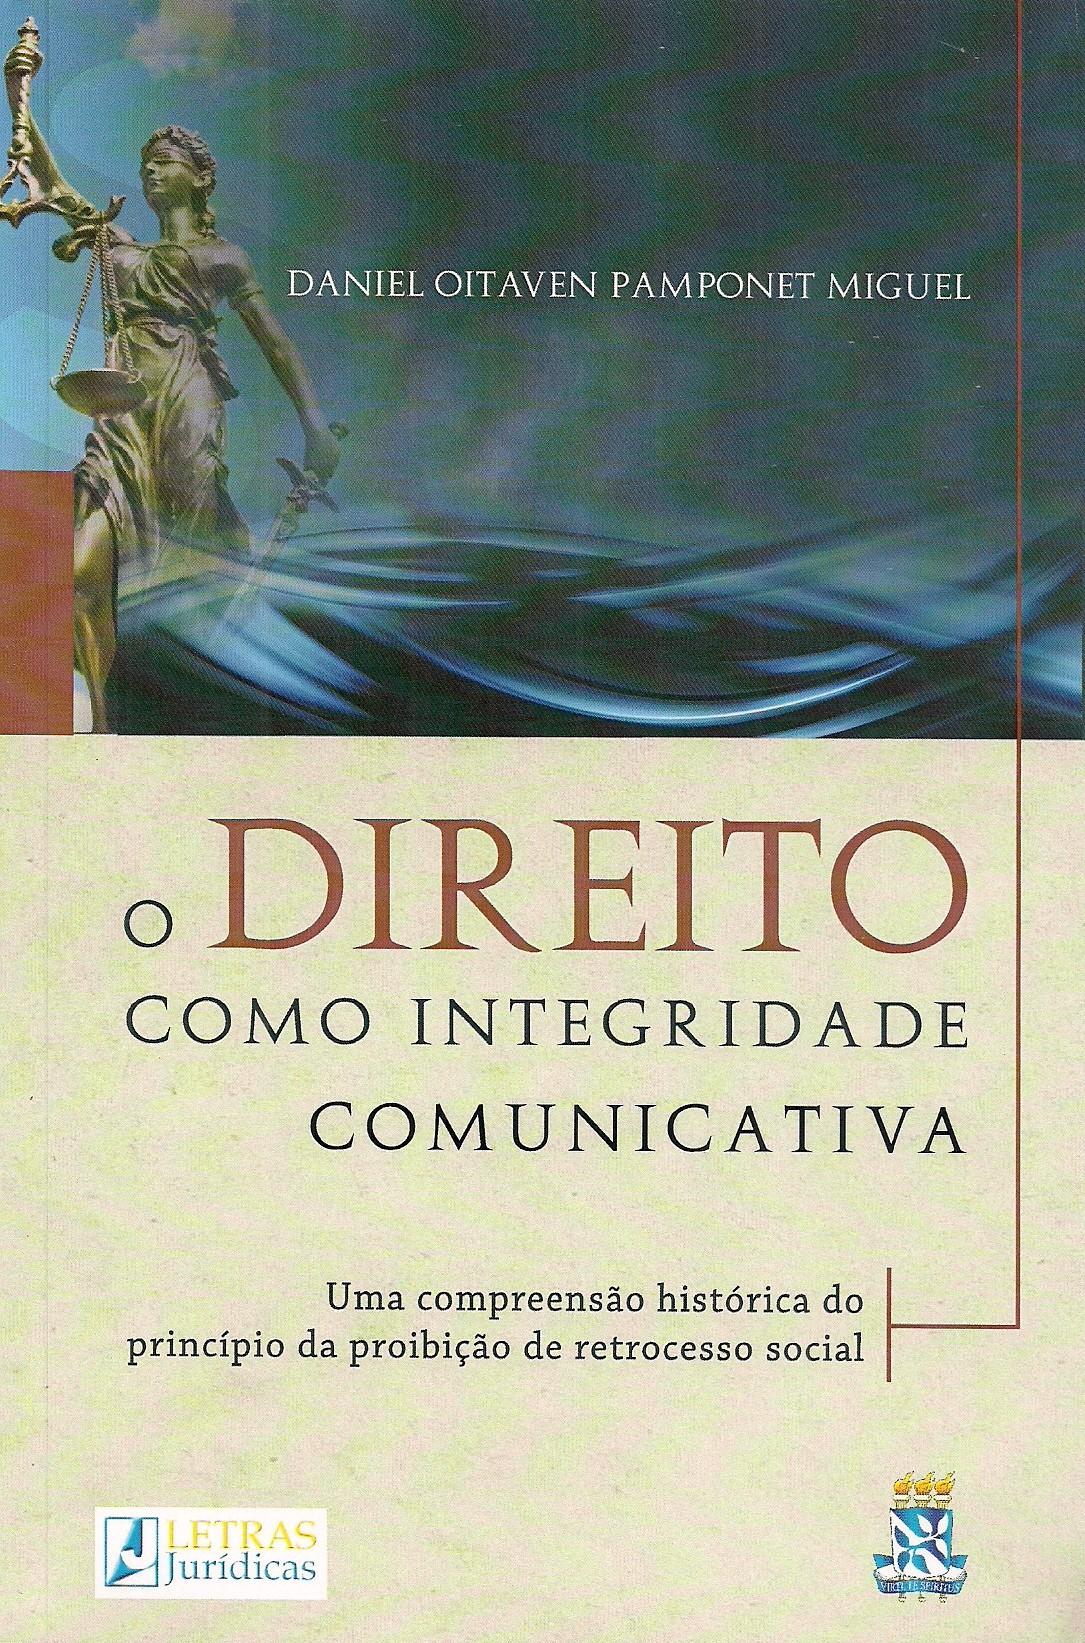 Foto 1 - O Direito Como Integridade Comunicativa